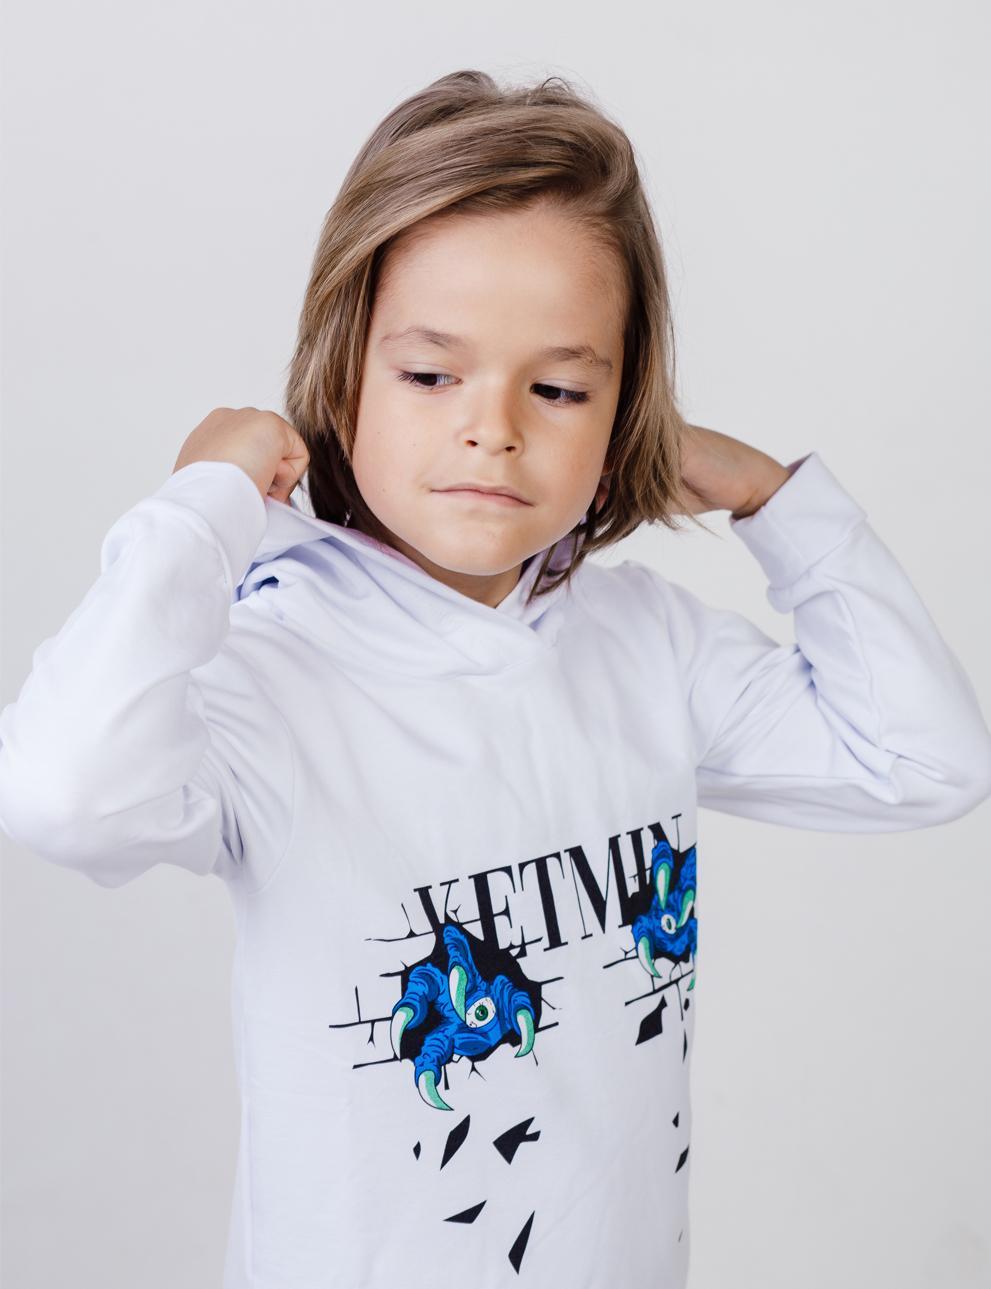 Детское худи с капюшоном KETMIN Когти цв.Белый